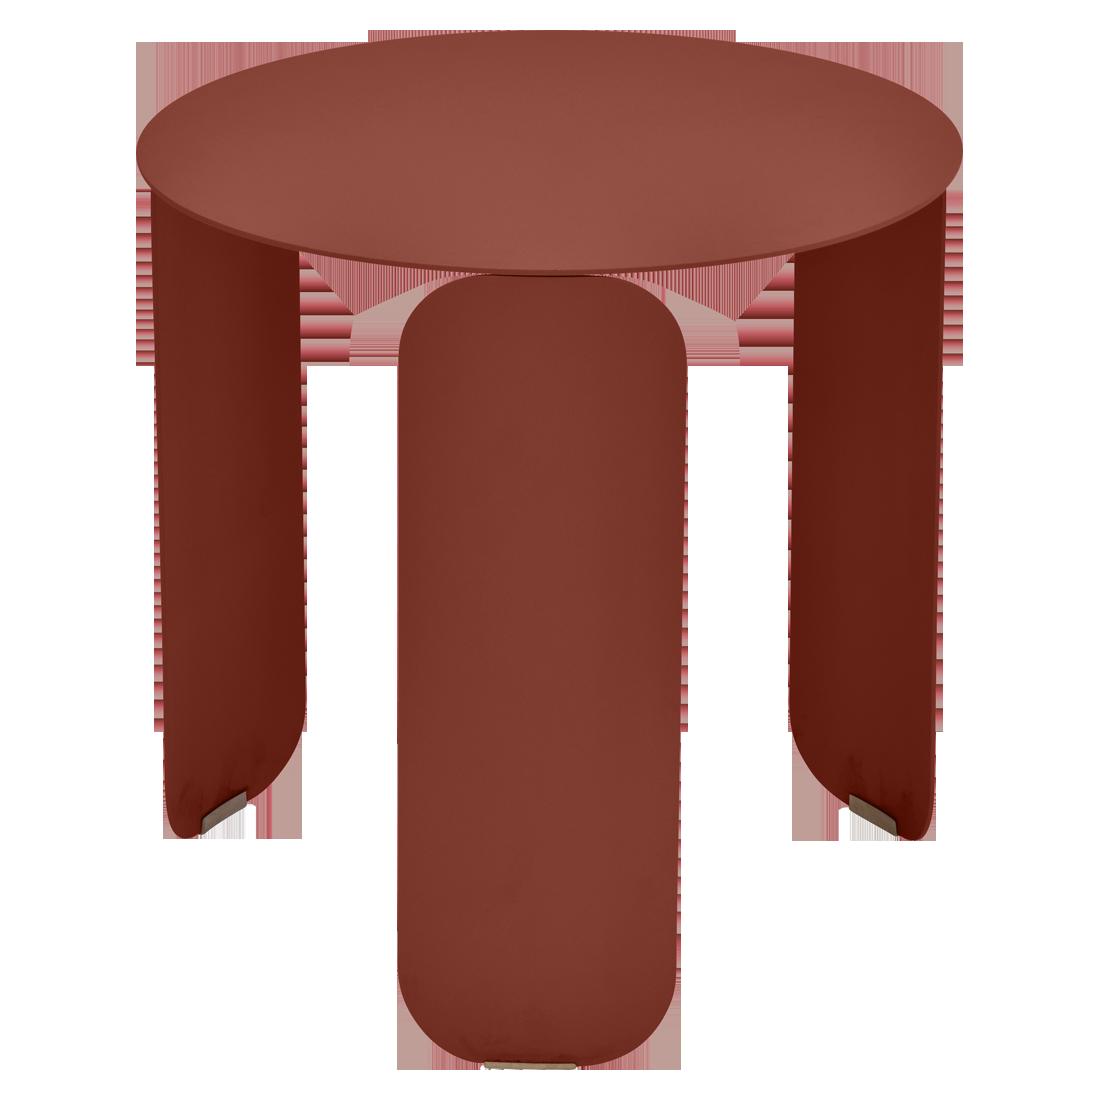 Table basse Ø 45 cm bebop ocre rouge